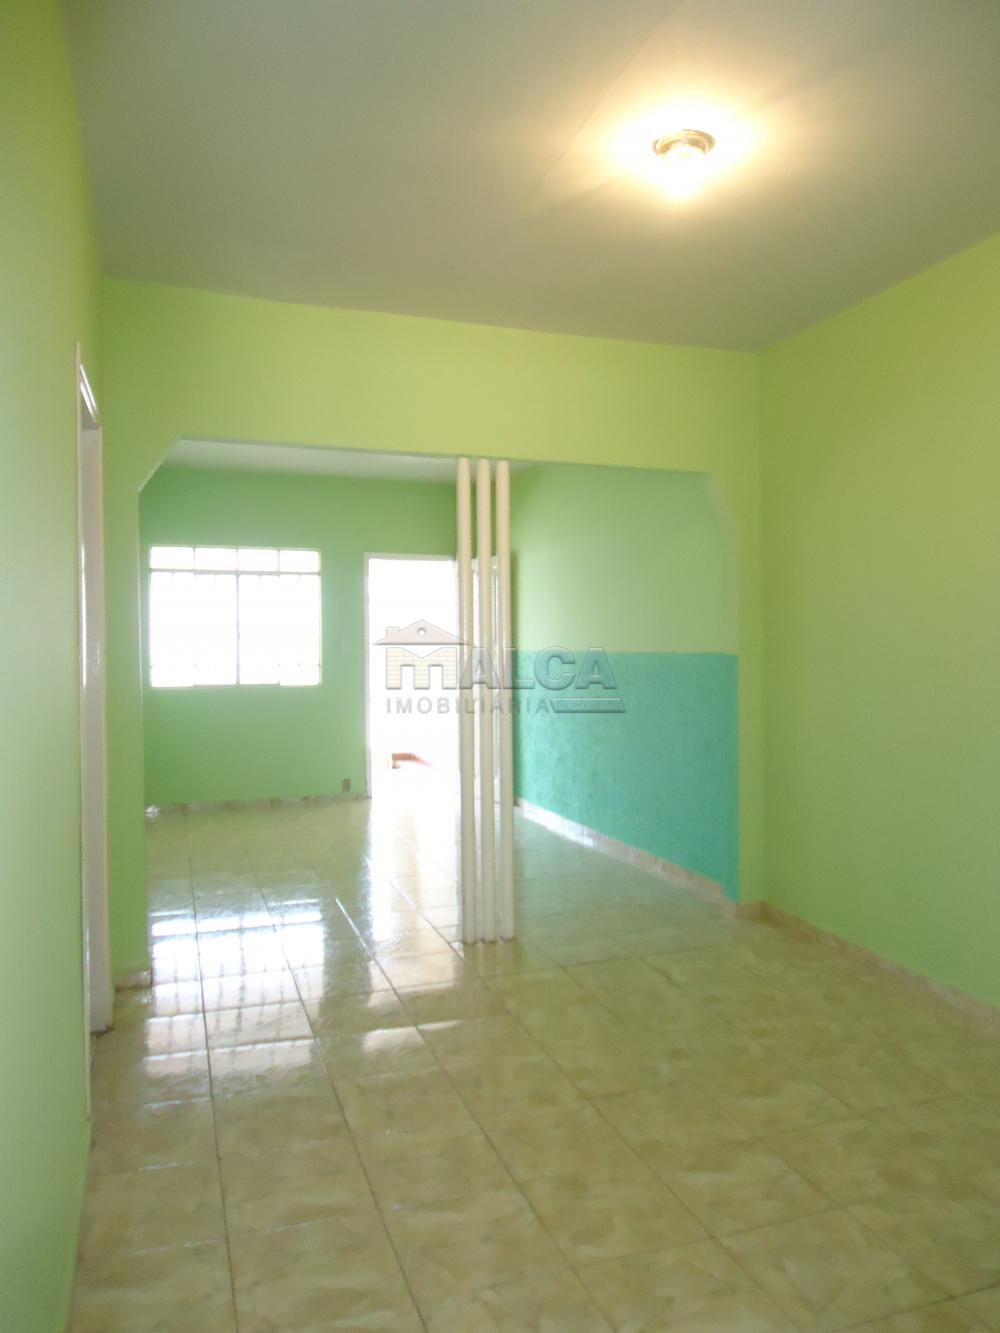 Alugar Casas / Padrão em São José do Rio Pardo apenas R$ 790,00 - Foto 7